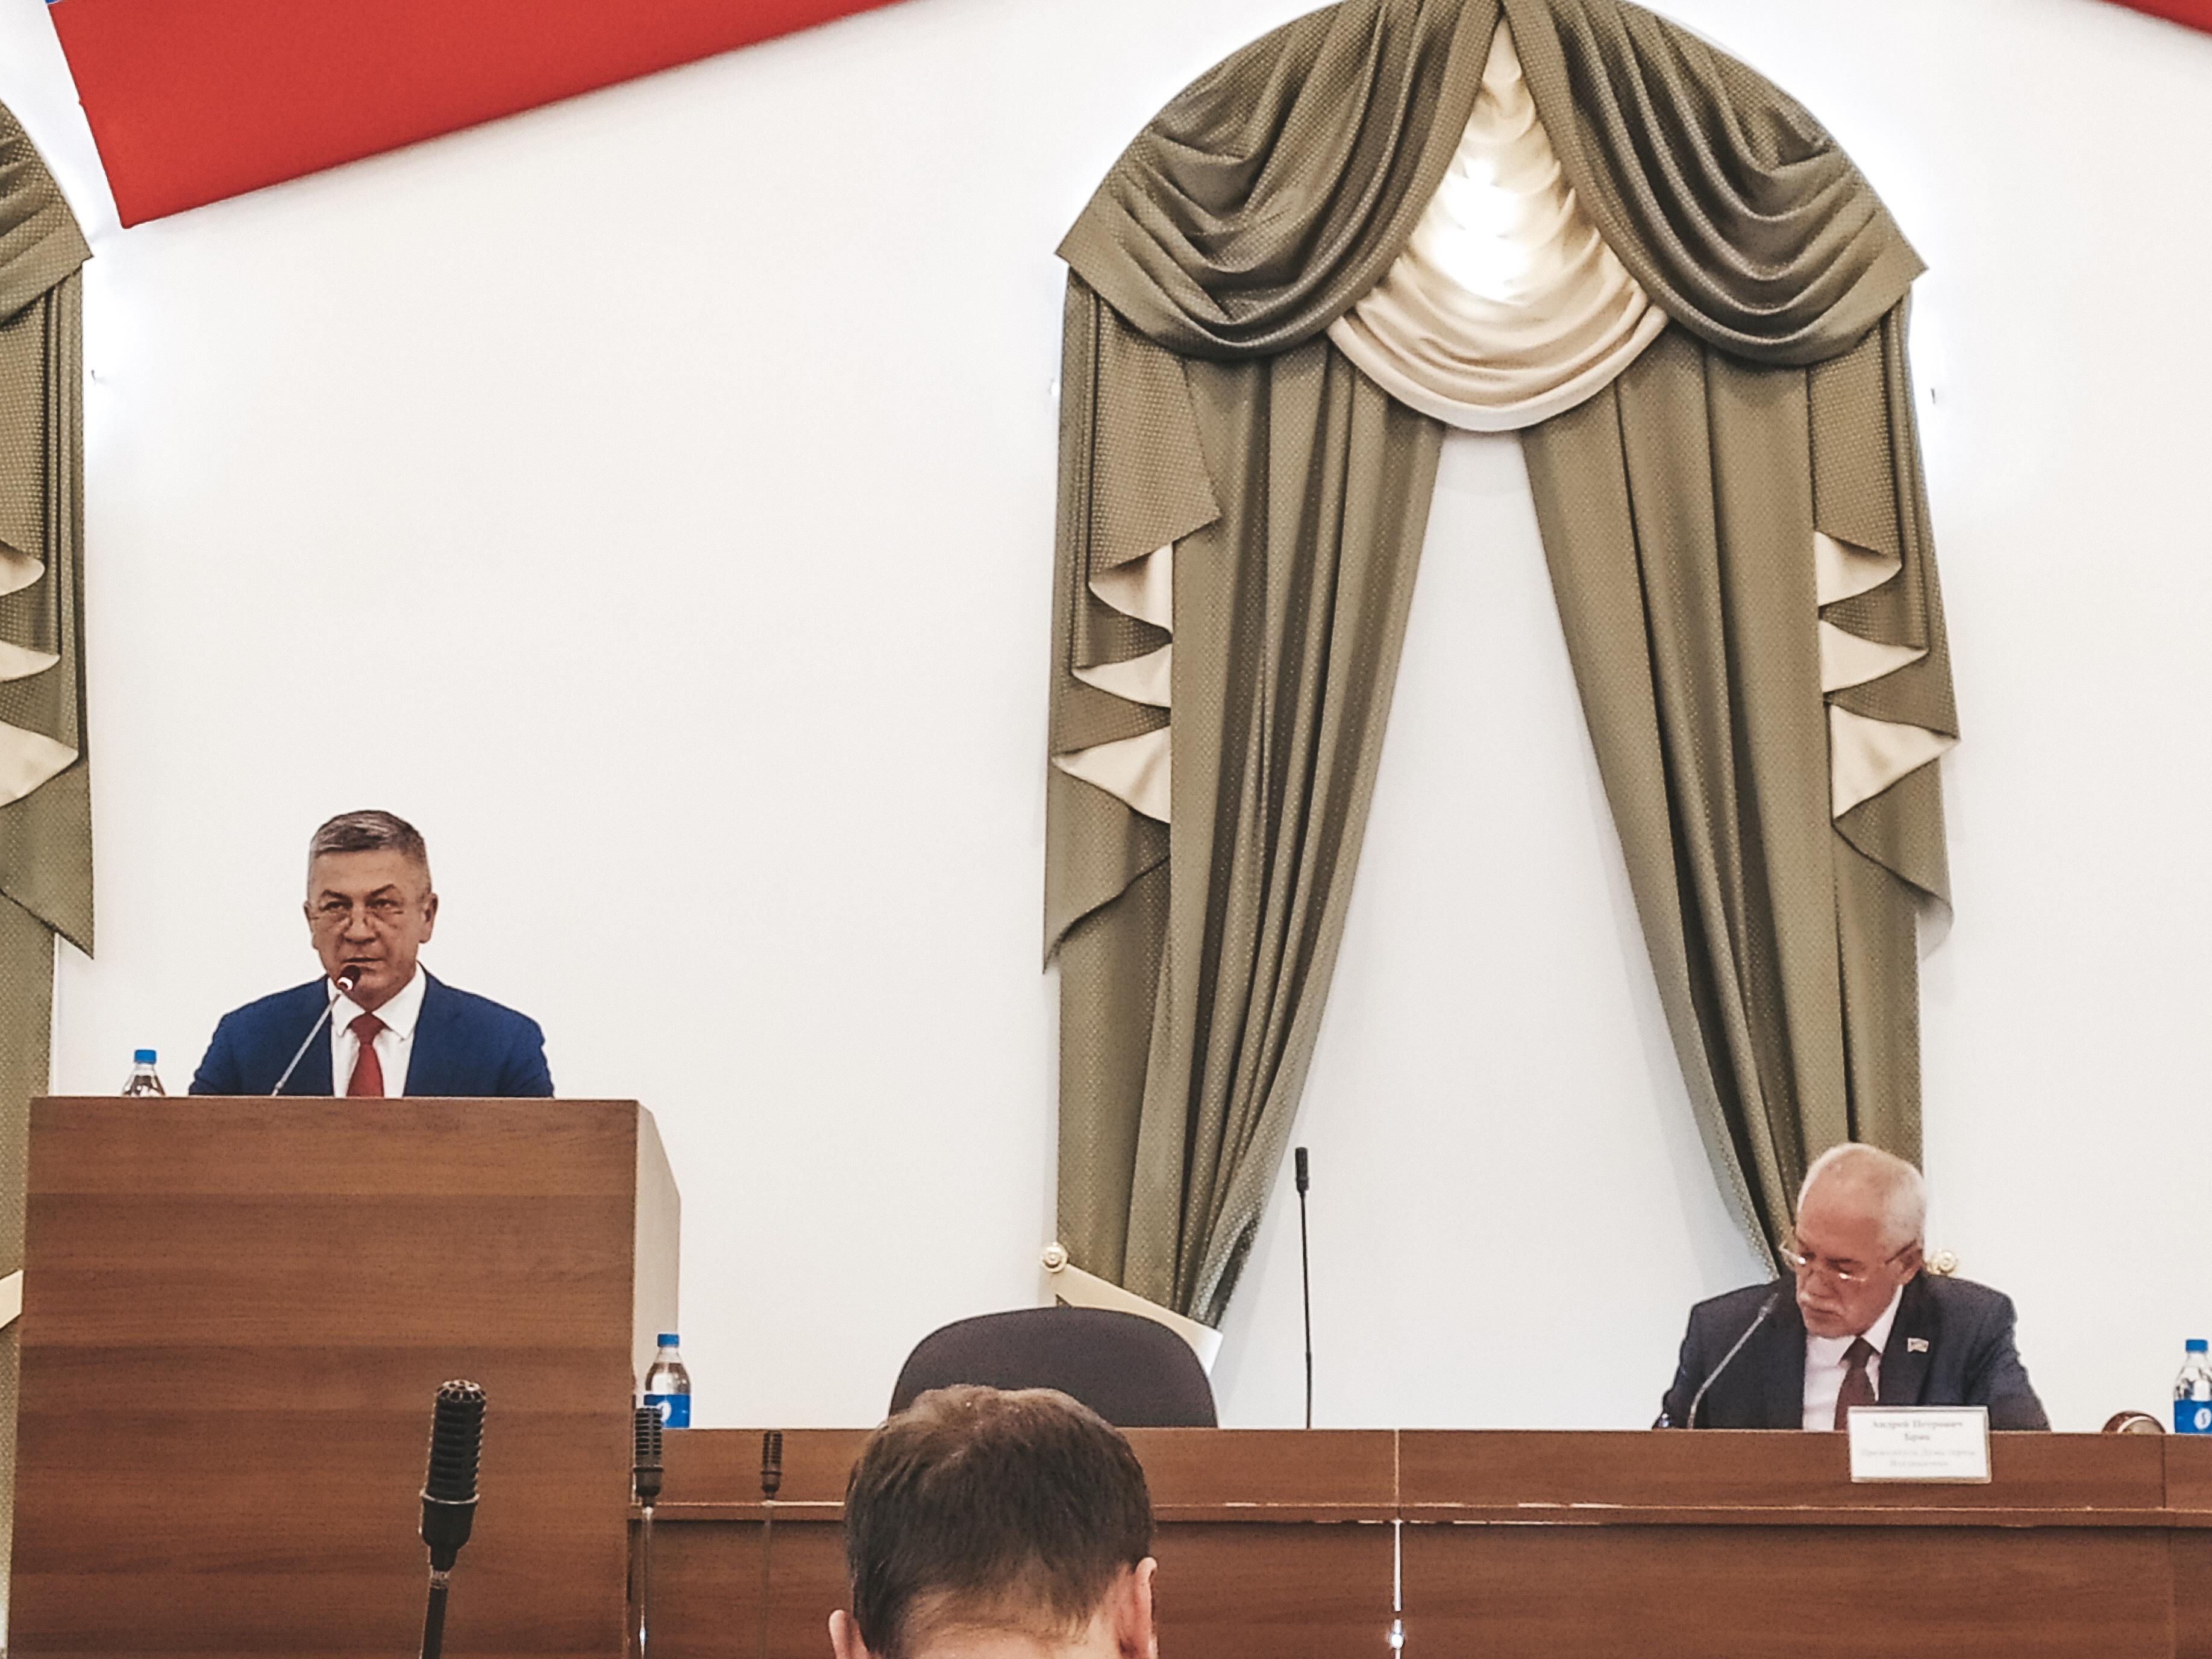 15 ноября 2019 года в зале заседаний Думы г. Владивостока прошло заседание круглого стола «Развитие муниципально-частного партнерства в г. Владивостоке».